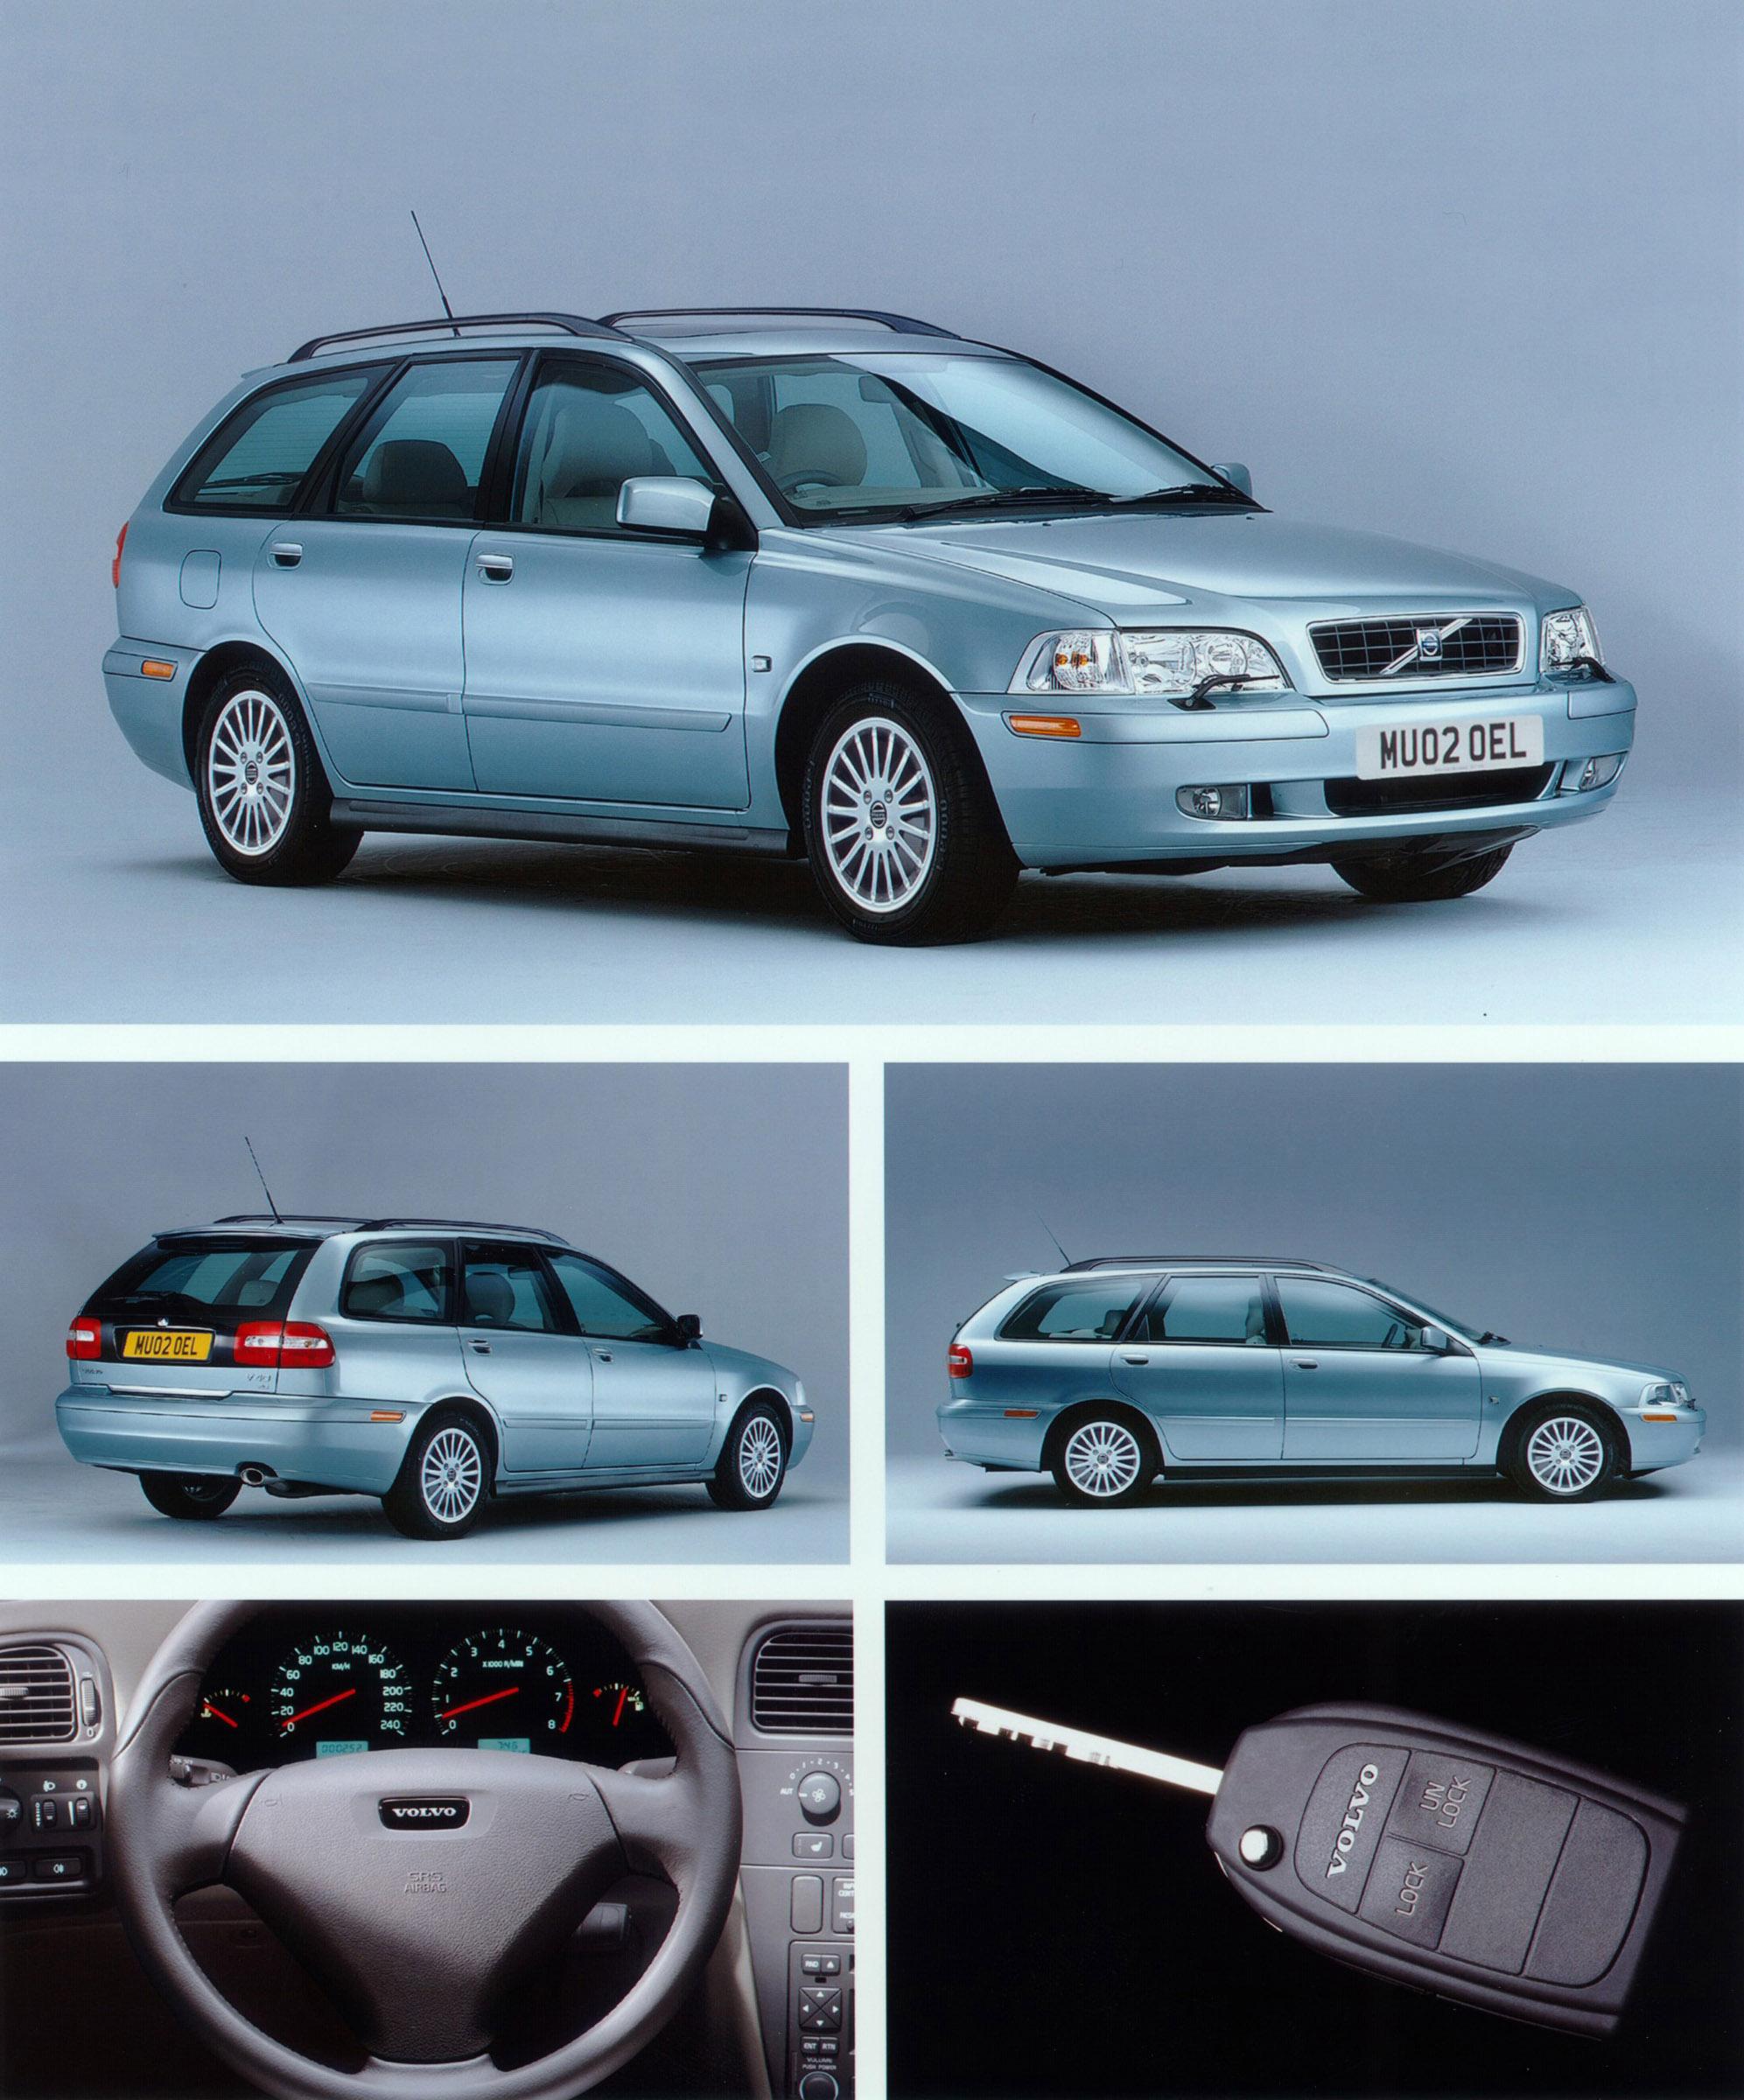 Alfa Romeo All Models List >> 2002 Volvo V40 - Partsopen